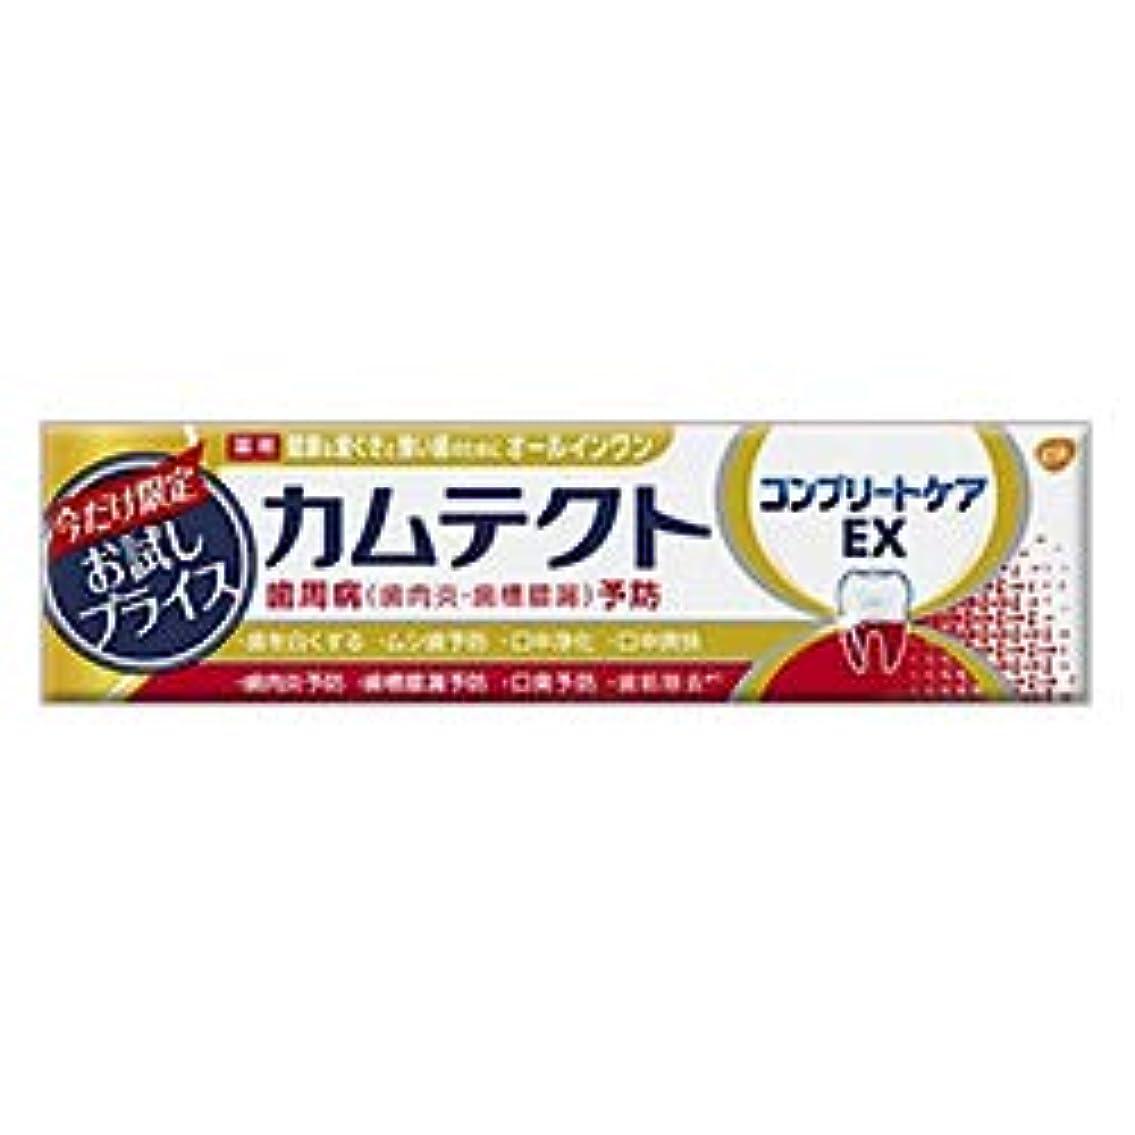 寝具シルクすべて【アース製薬】カムテクト コンプリートケアEX 限定お試し版 95g [医薬部外品] ×2個セット